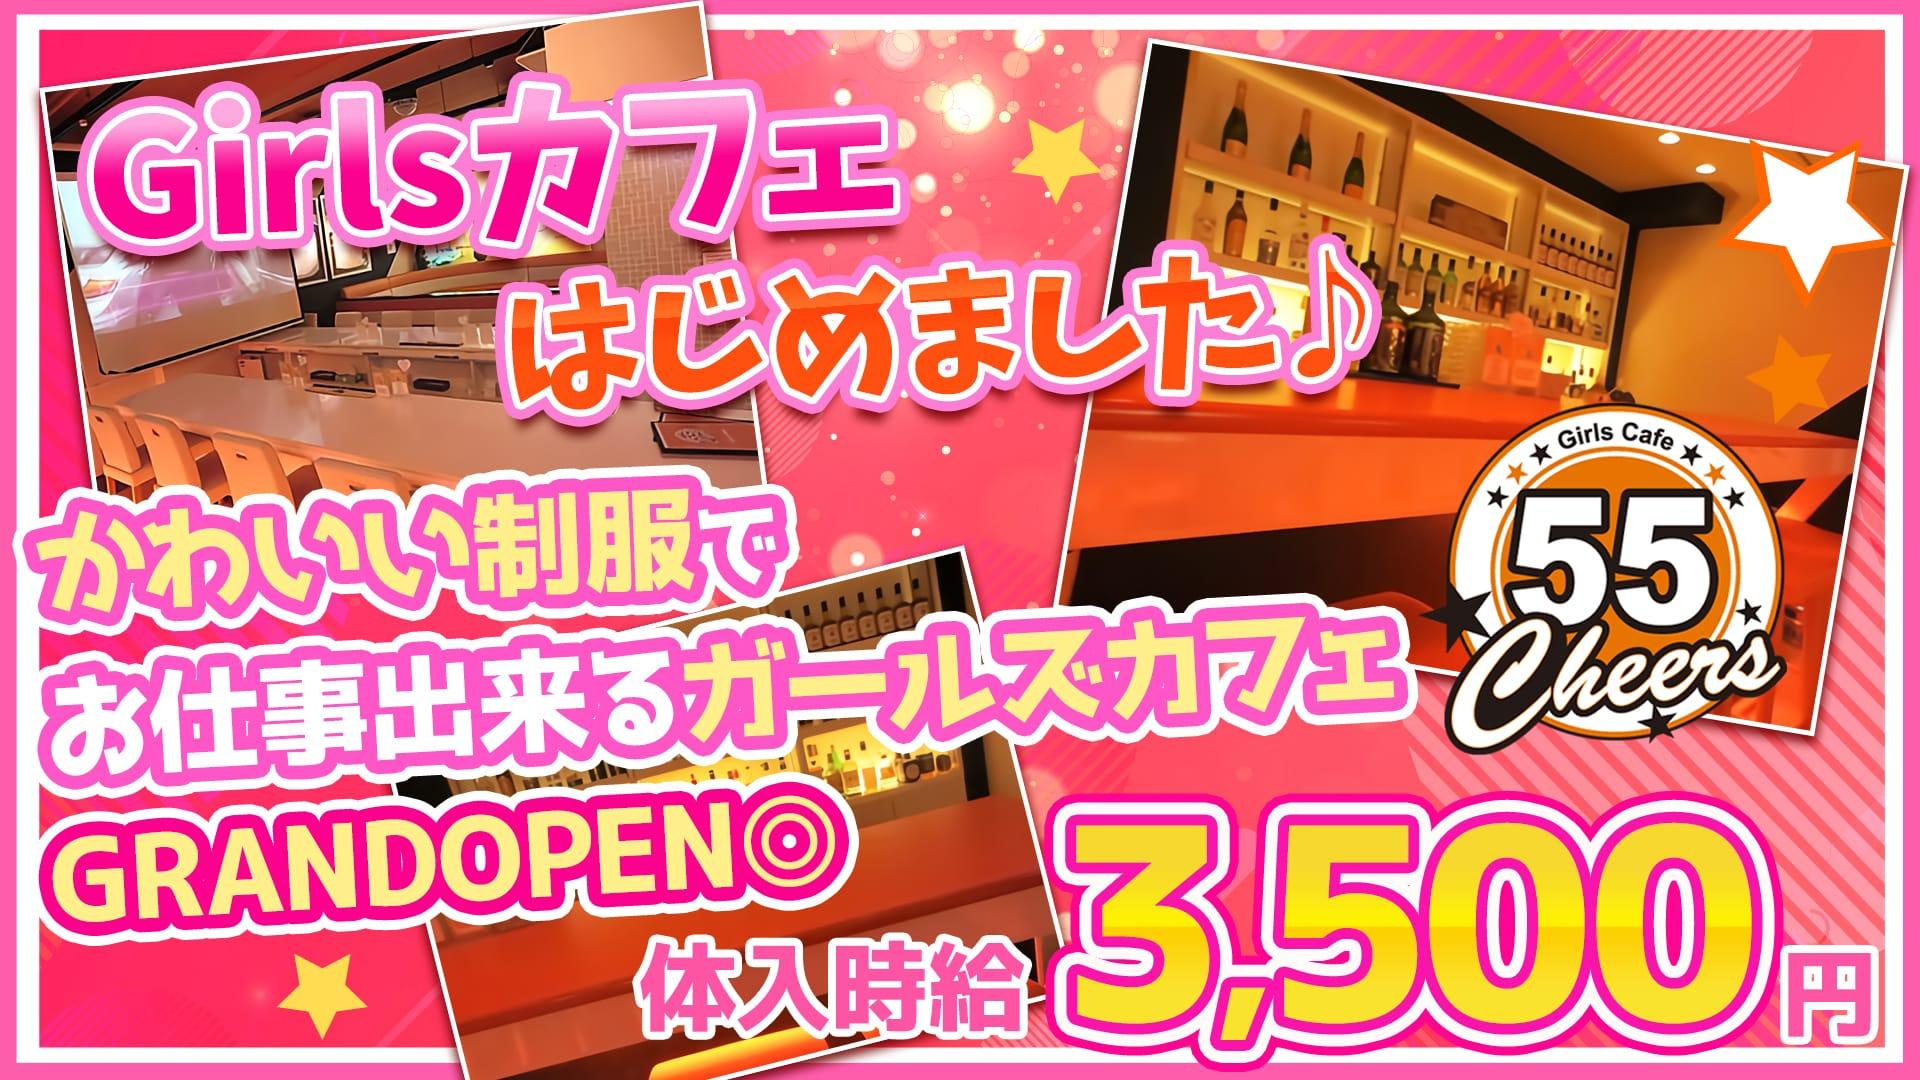 お昼から働けるコンカフェ Cheers55(チアーズ55) 藤沢ガールズバー TOP画像